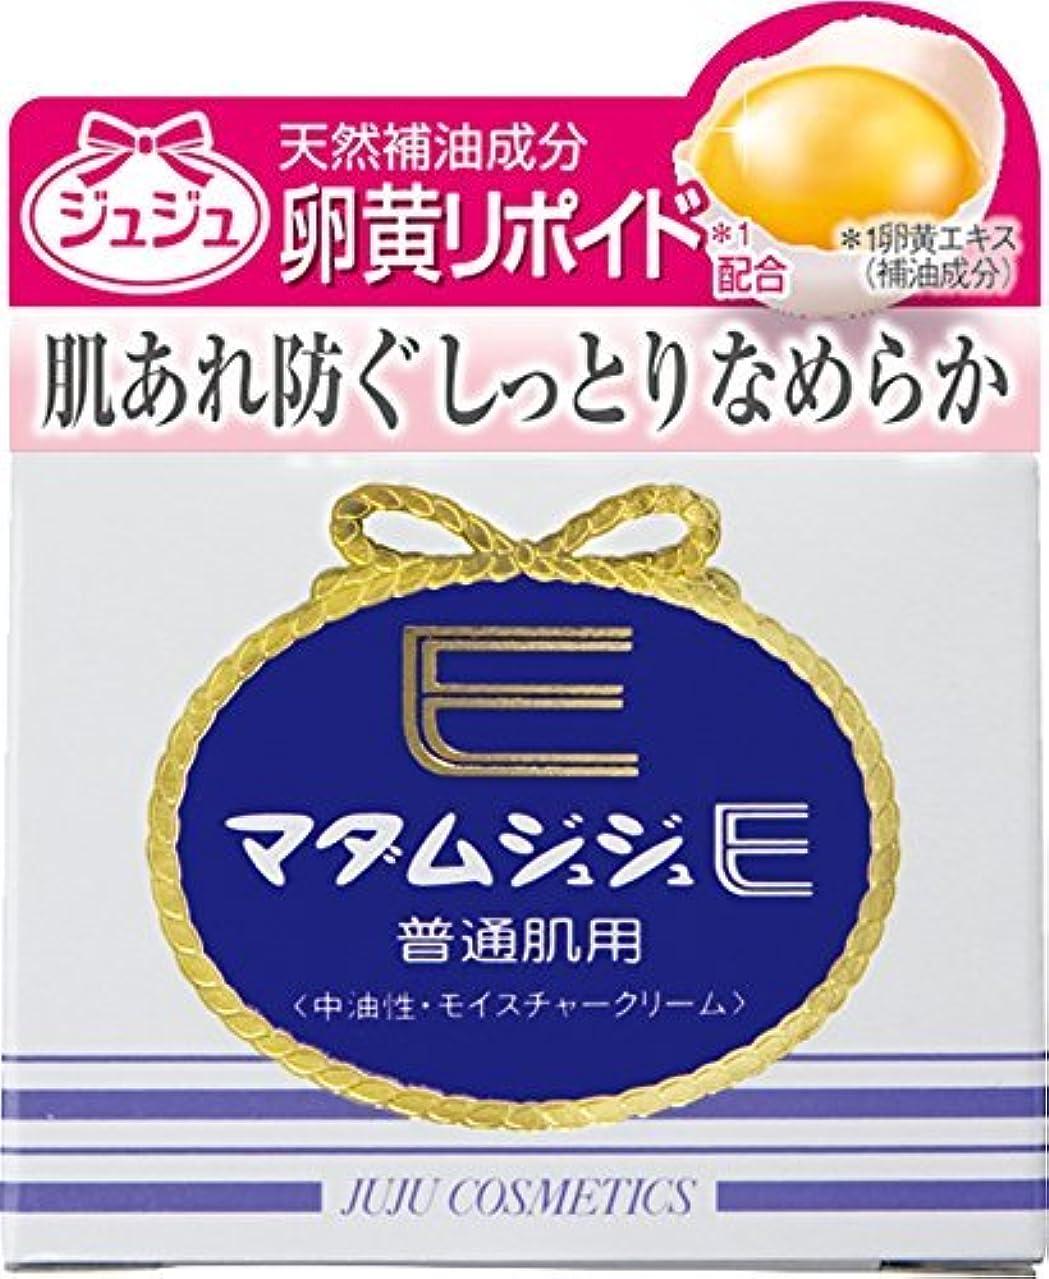 障害者鉄道ムスマダムジュジュE クリーム ビタミンE+卵黄リポイド配合 52g